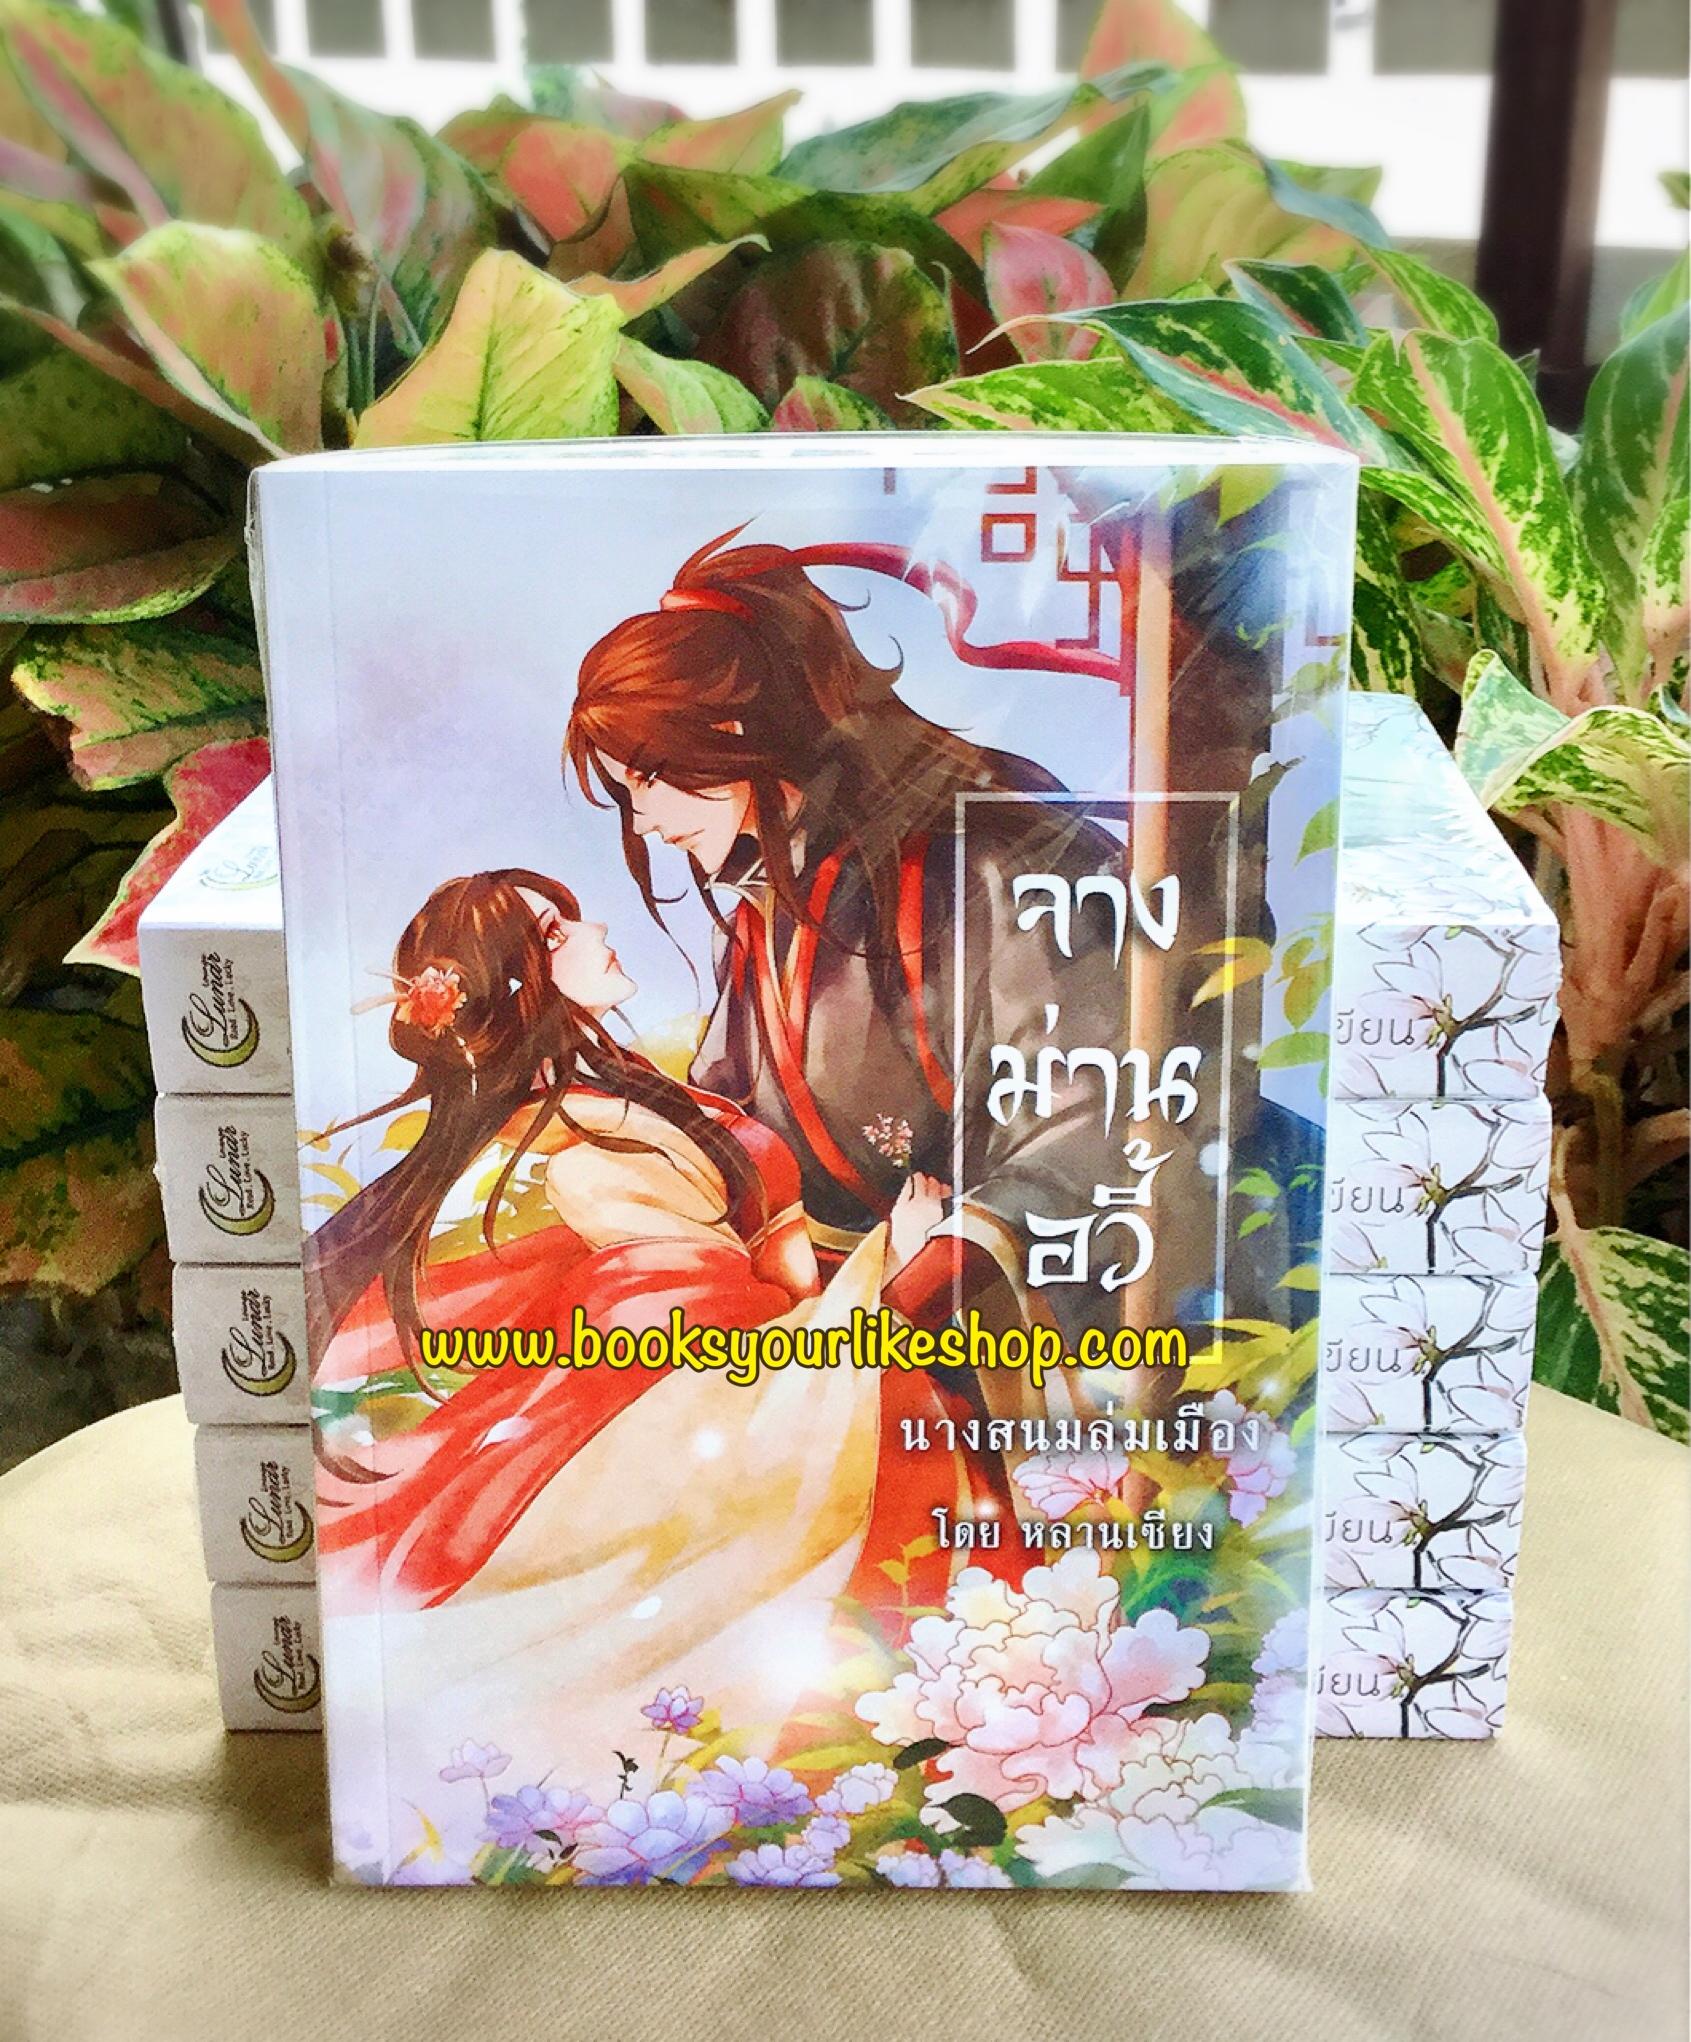 โปรส่งฟรี จางม่านอวี้ นางสนมล่มเมือง / หลานเซียง สนุกคะ นิยายจีนโบราณ